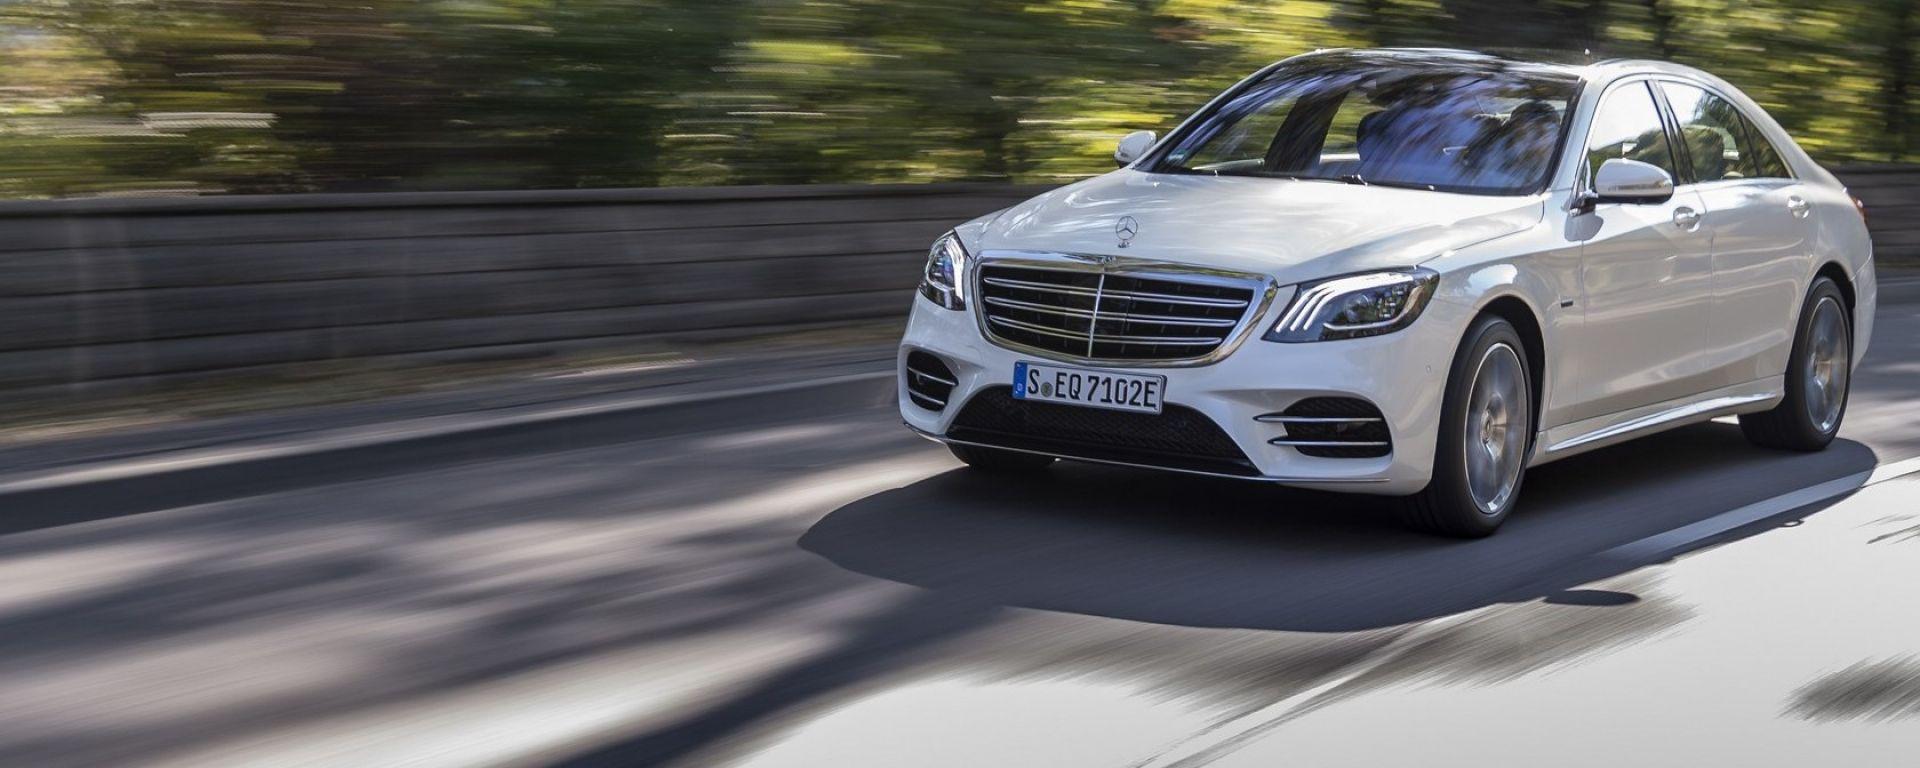 Mercedes Classe S Plug-in Hybrid, nome in codice S 560 e